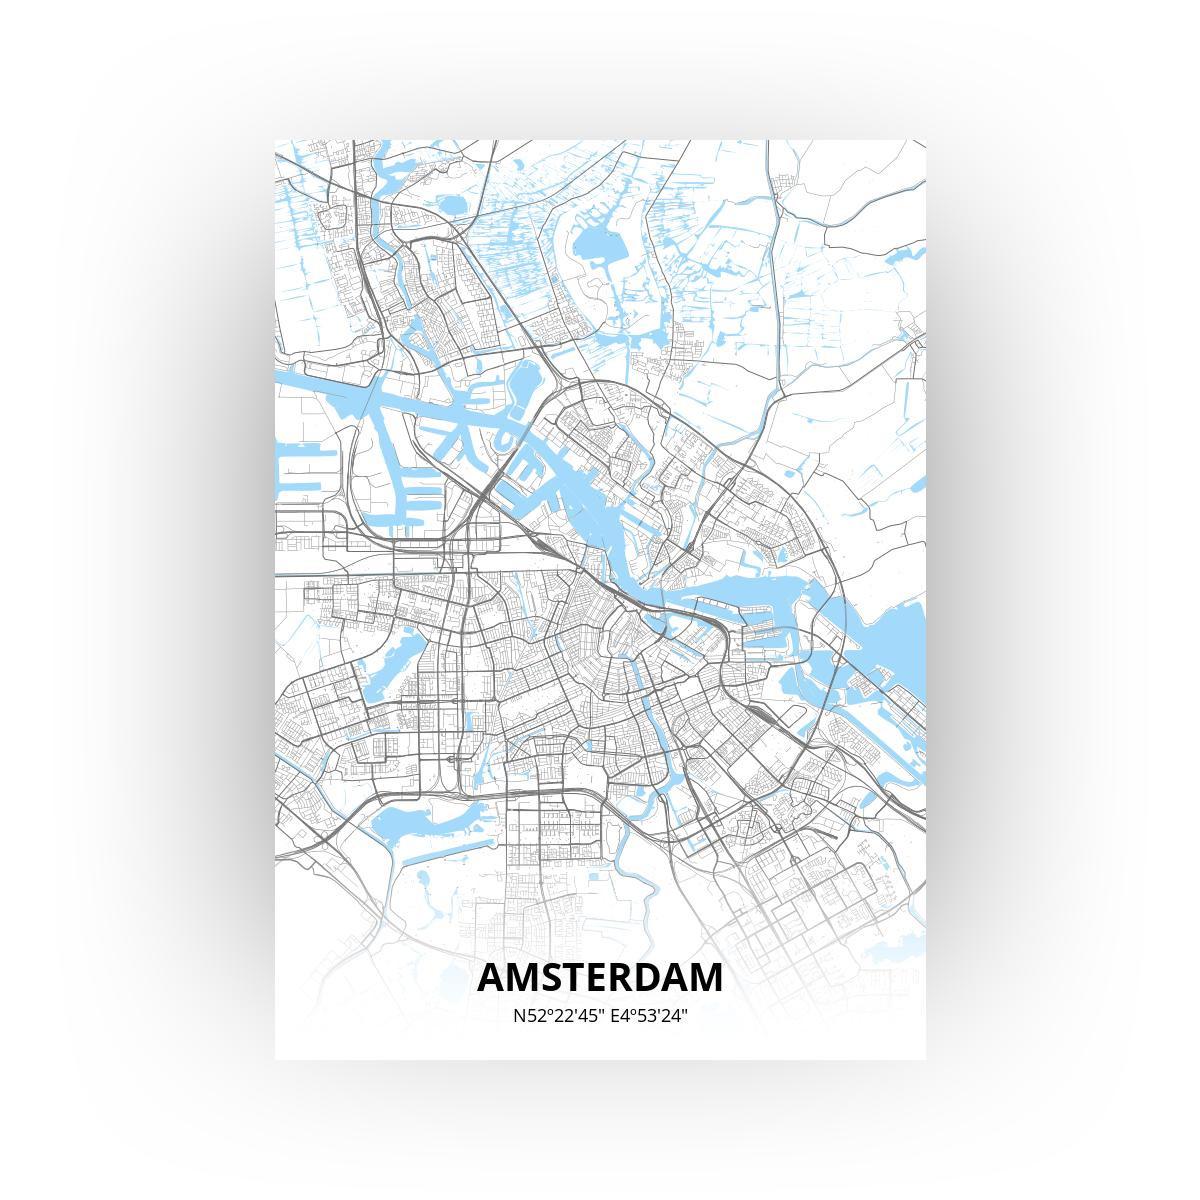 Amsterdam poster - Zelf aan te passen!